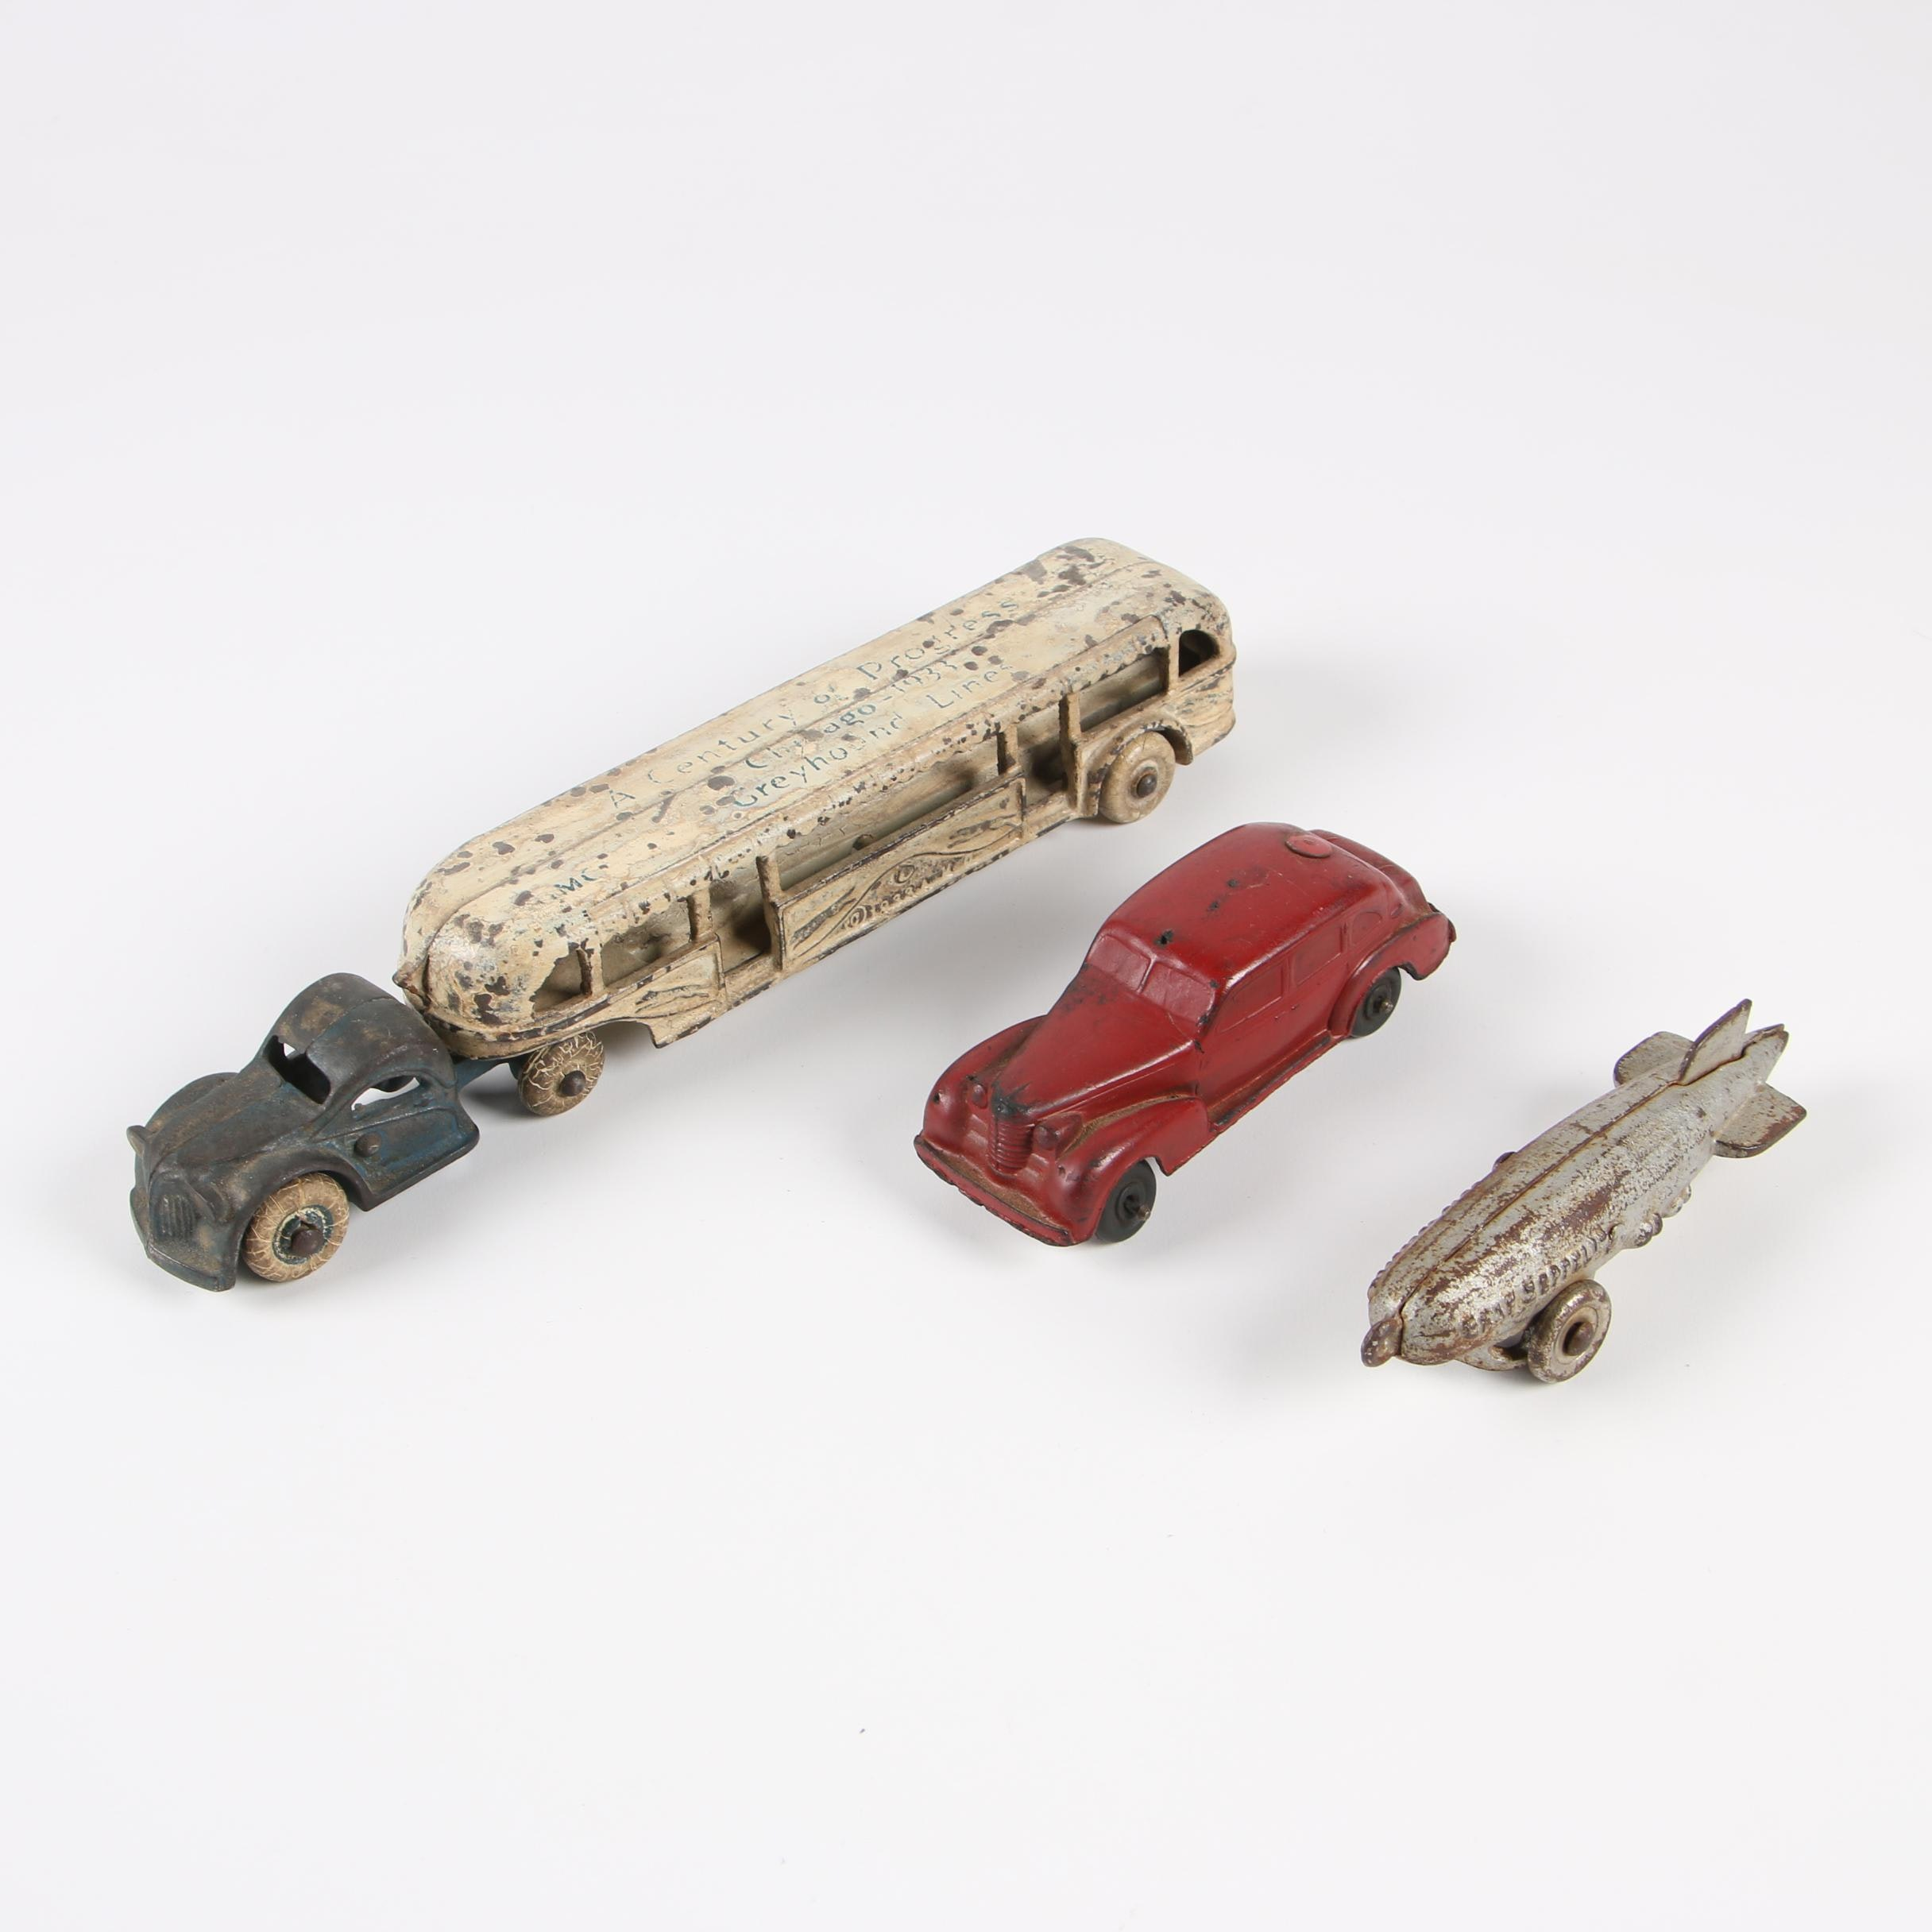 Arcade Chicago World's Fair Greyhound Line Bus and other Die-Cast Vehicles